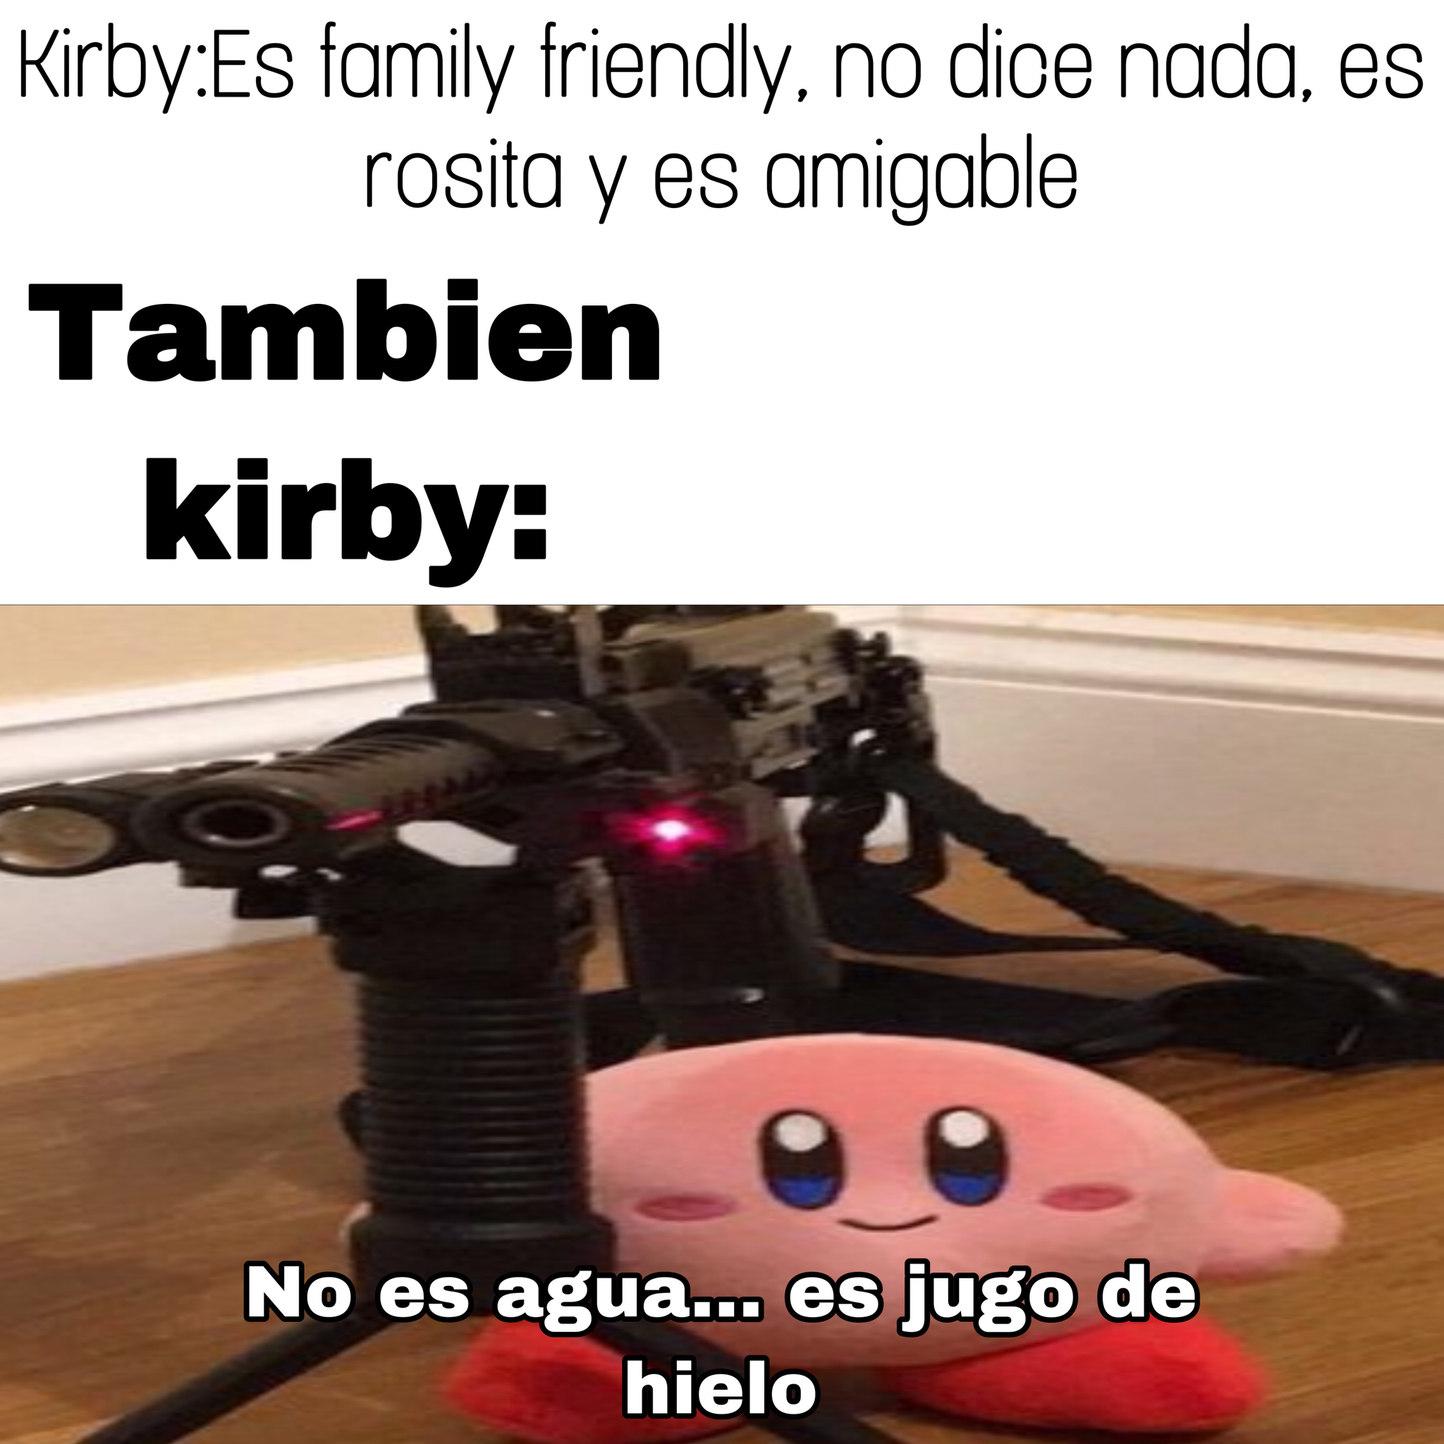 Ste kirby xD - meme